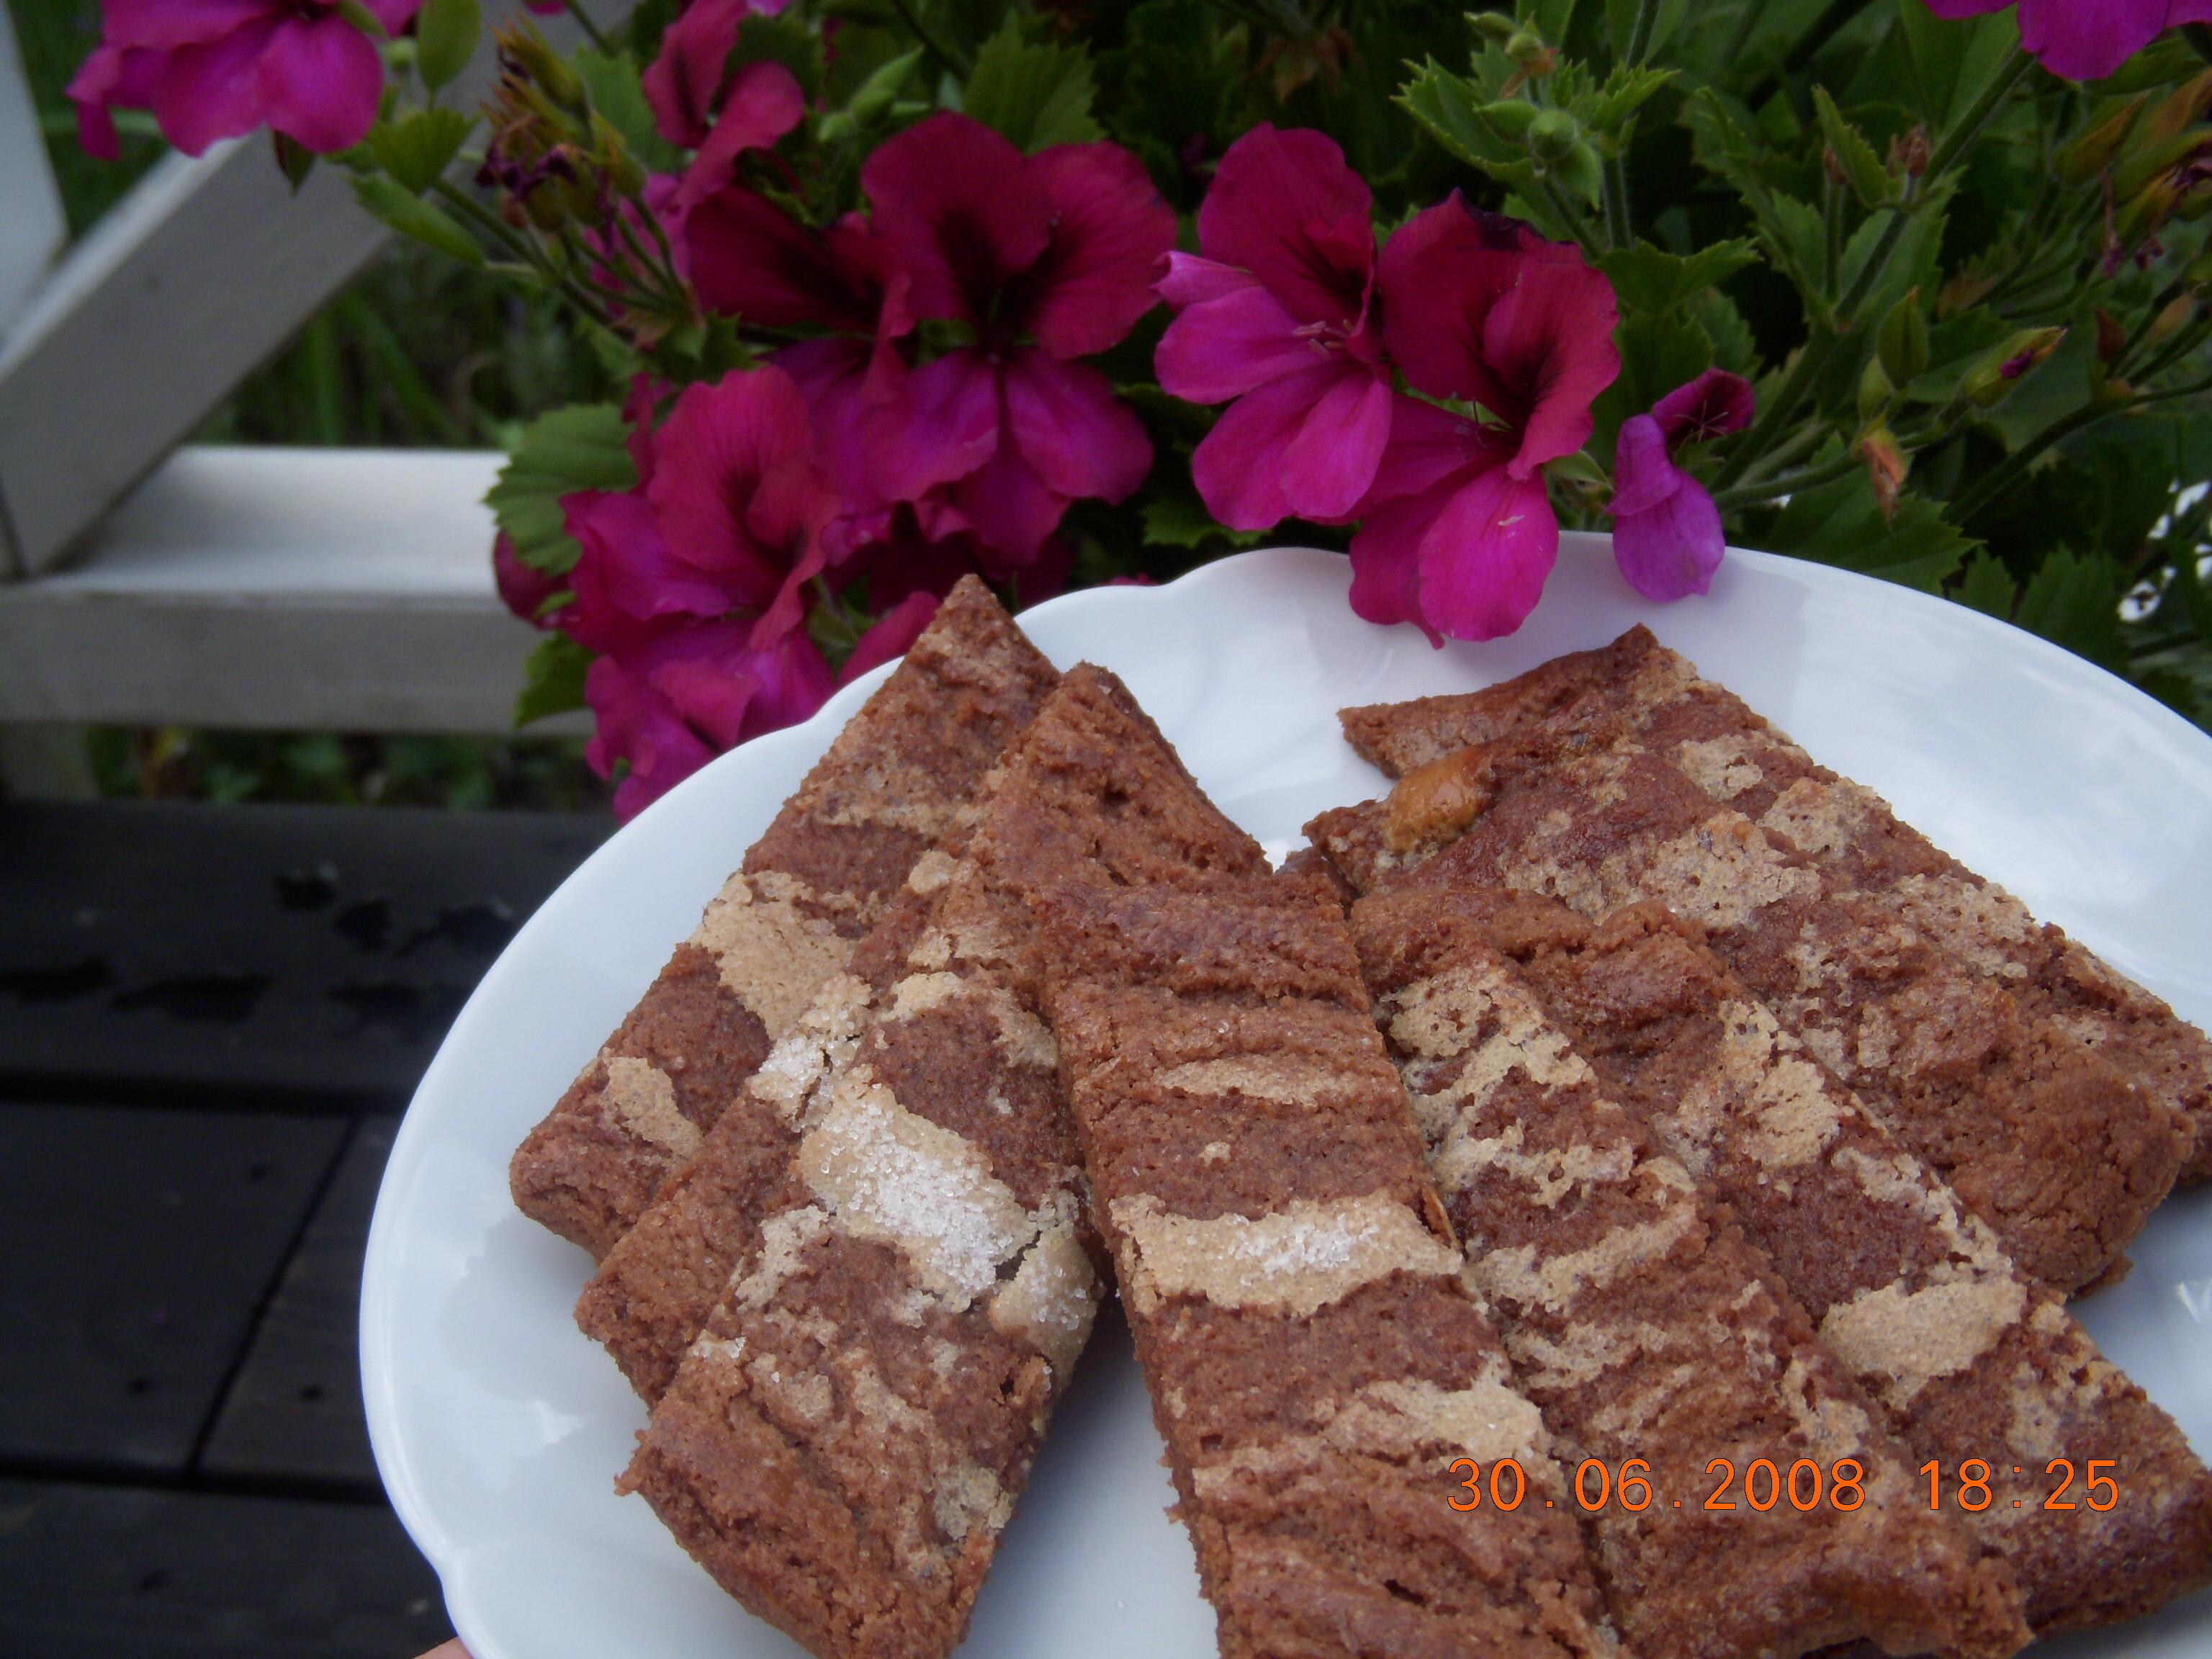 Affes chokladbröd